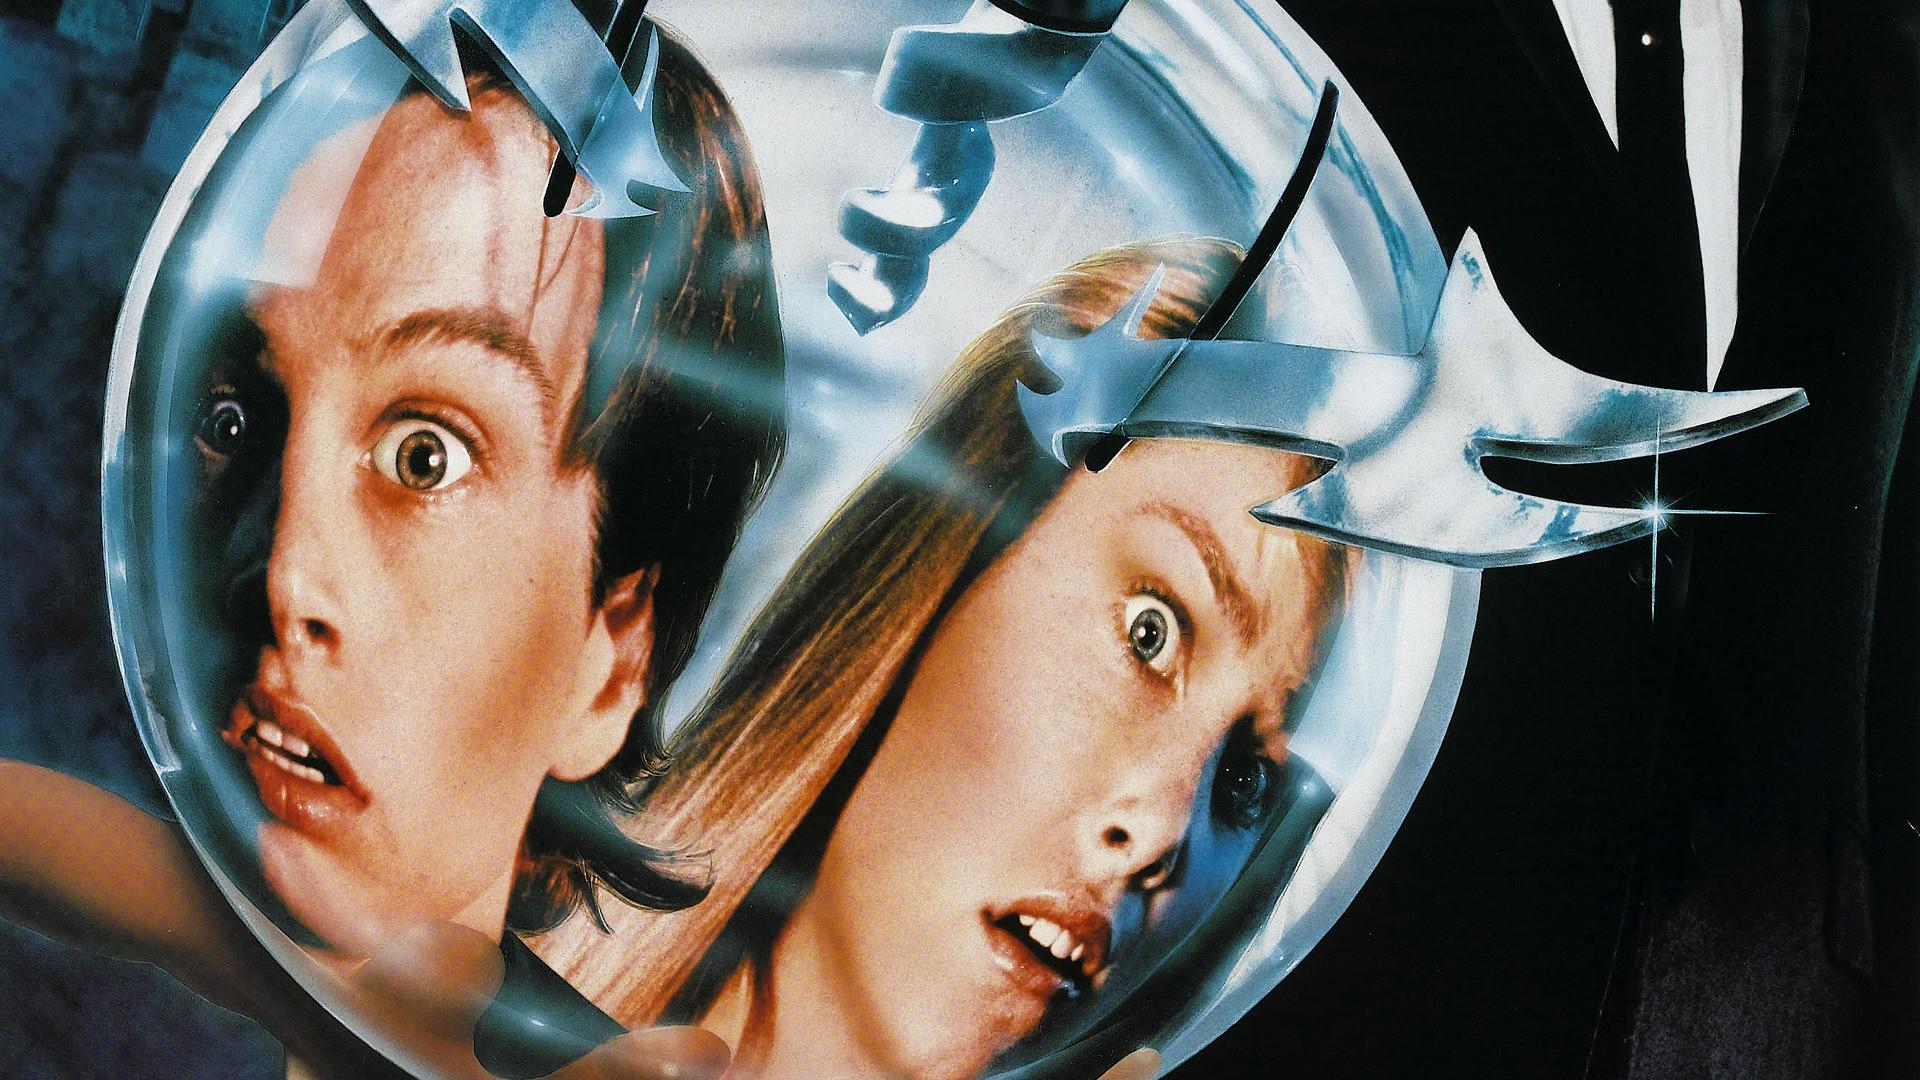 eroticheskiy-film-fantazm-2-onlayn-smotret